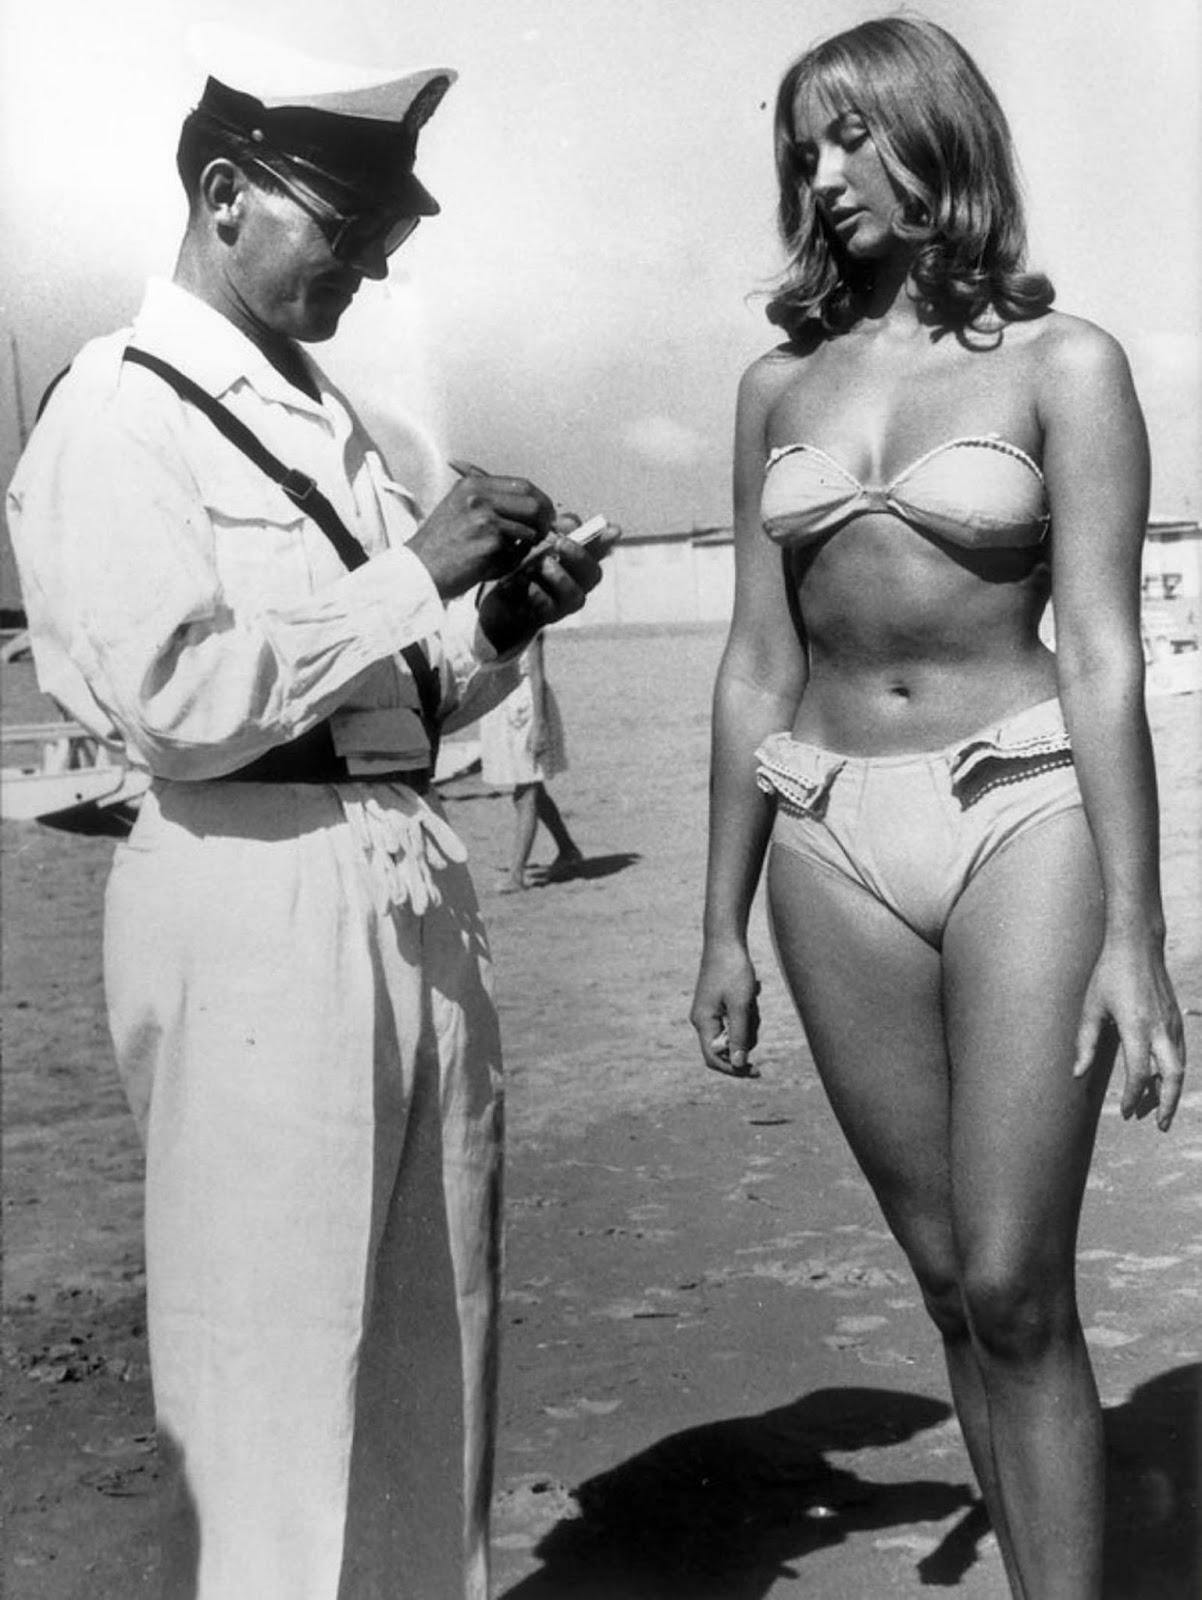 Полицейский выписывает штраф за ношение непристойного бикини на итальянском пляже, 1957 год